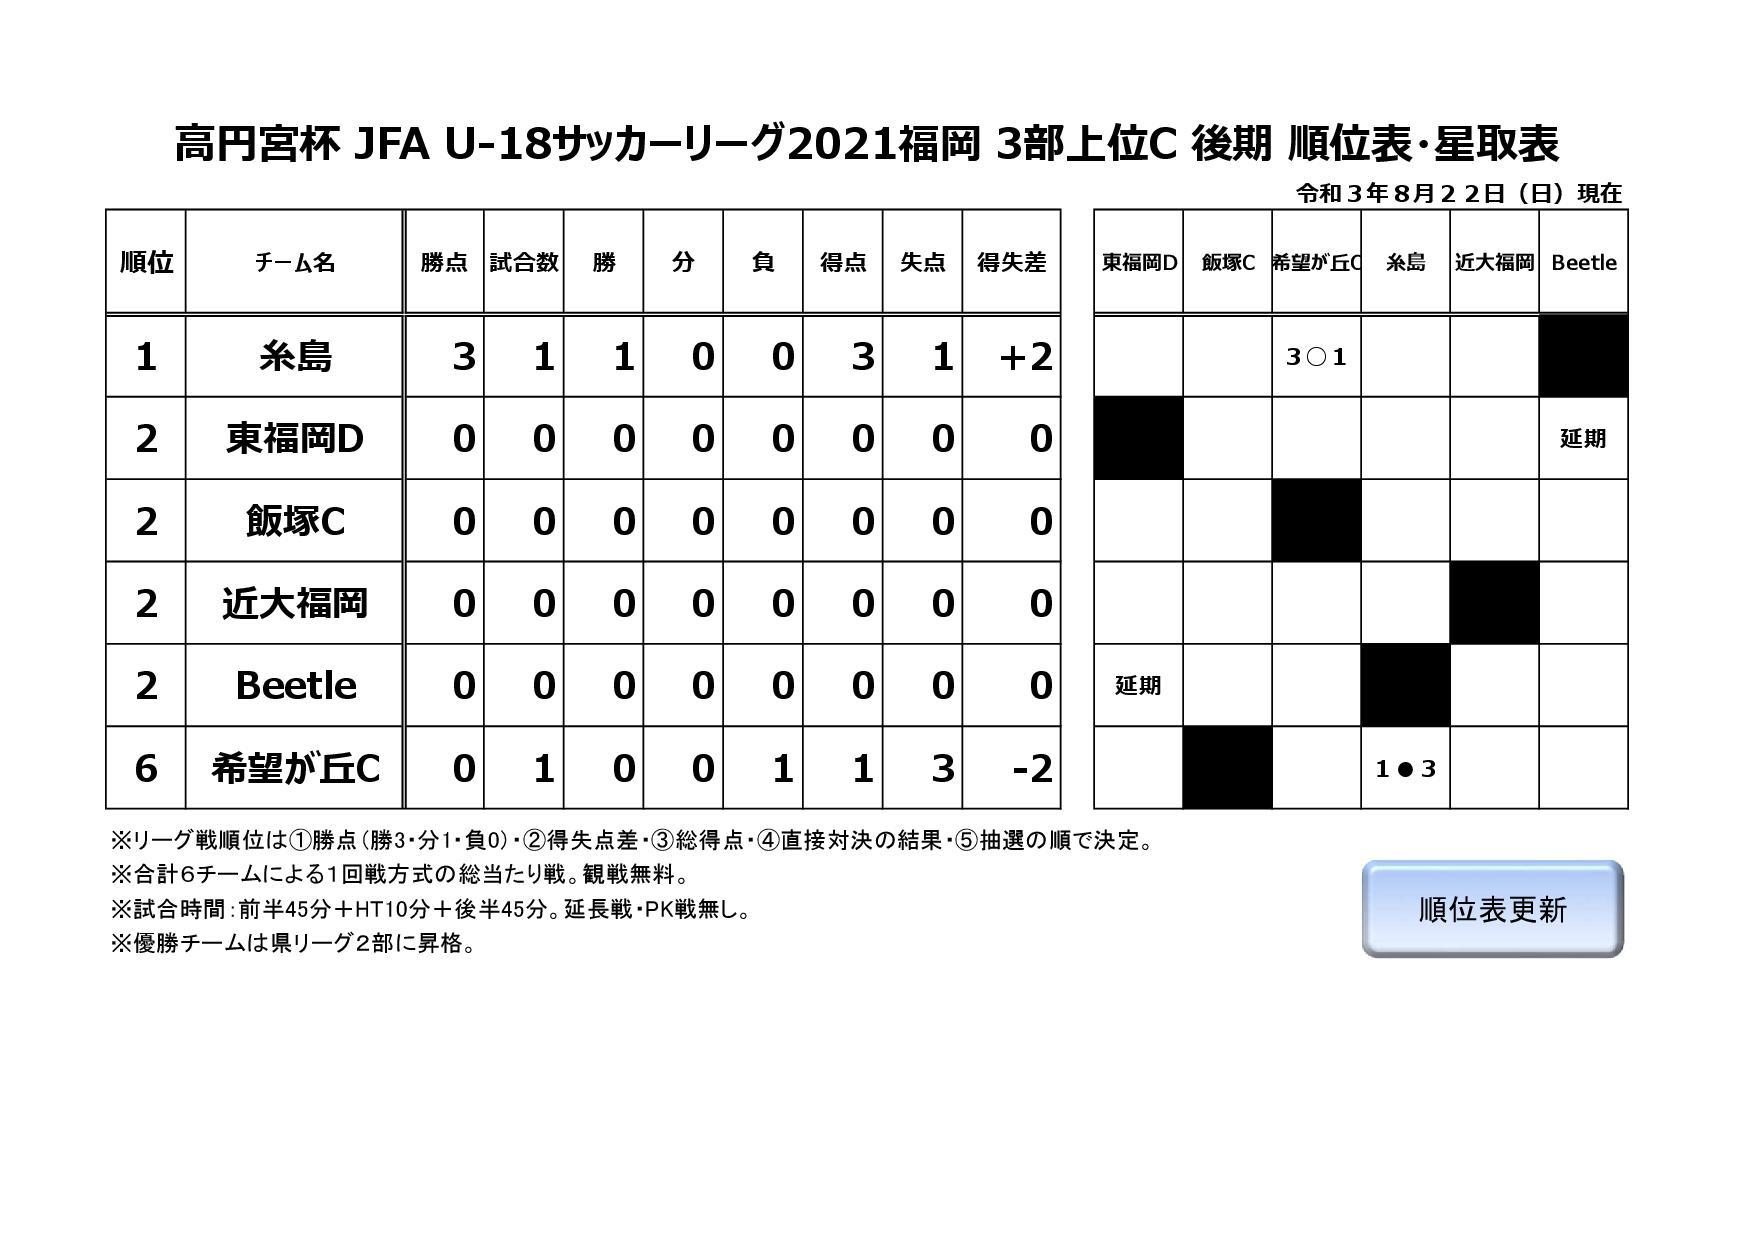 高円宮杯 JFA U-18サッカーリーグ2021福岡3部上位C